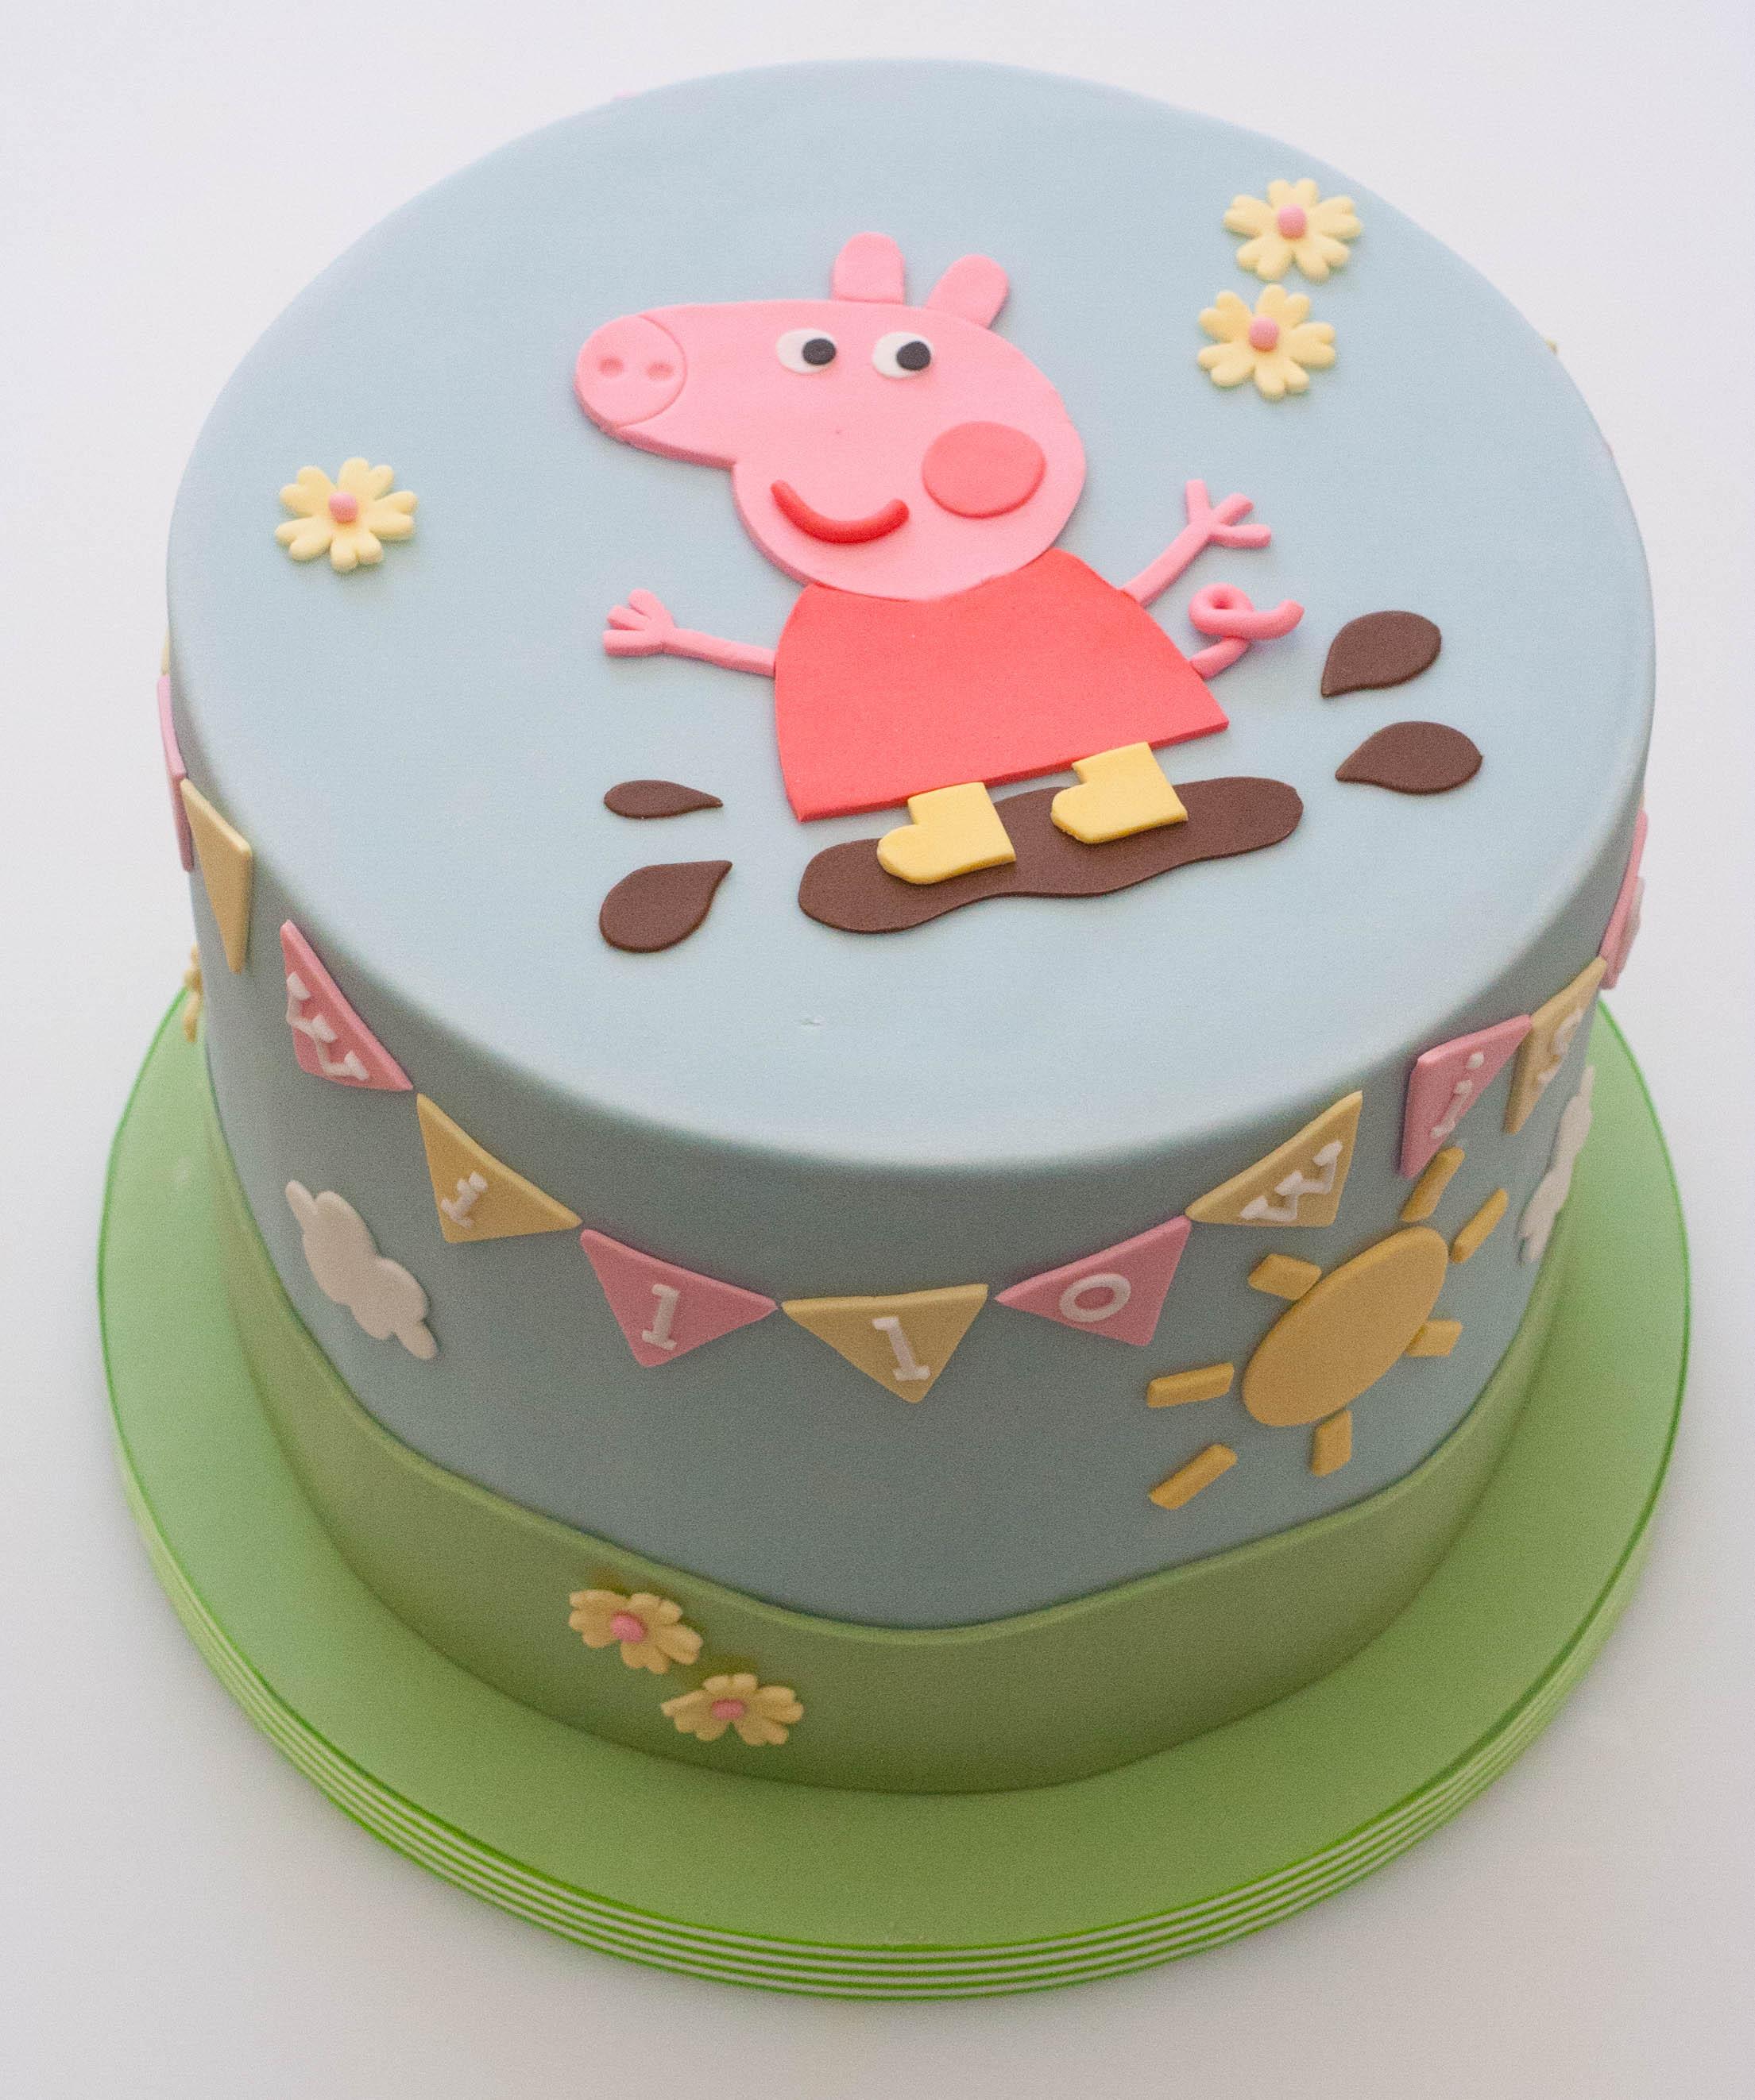 Peppa Pig vegan cake